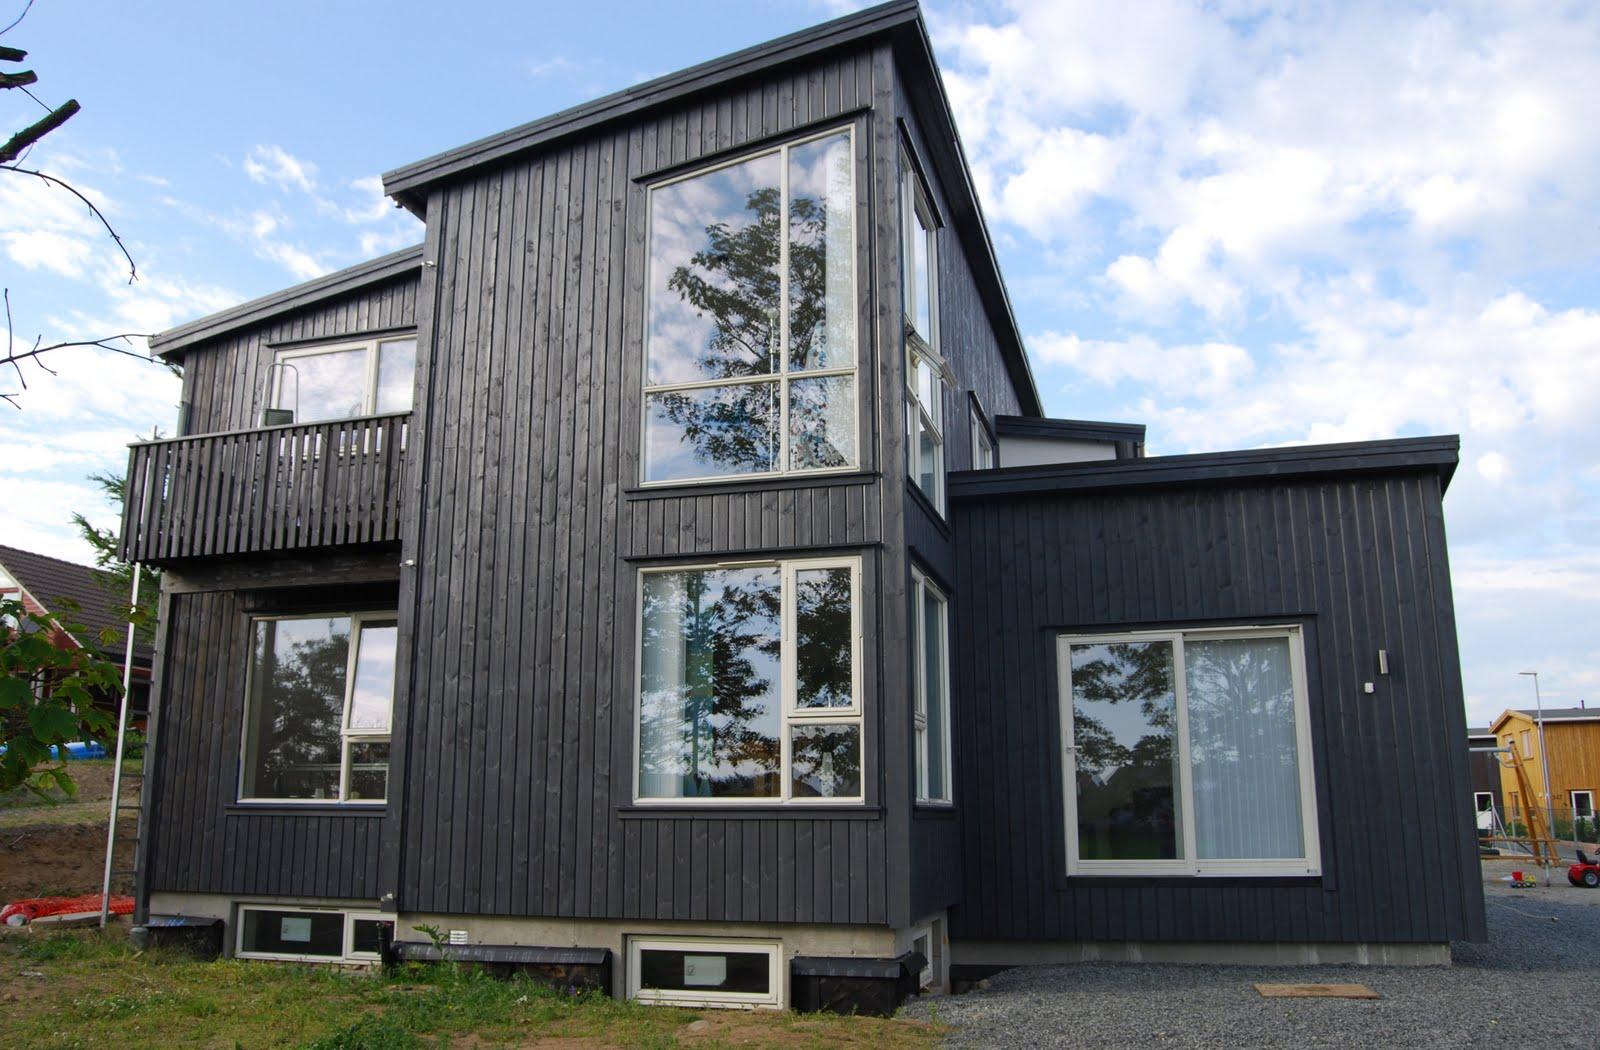 Pris på bygging av hus